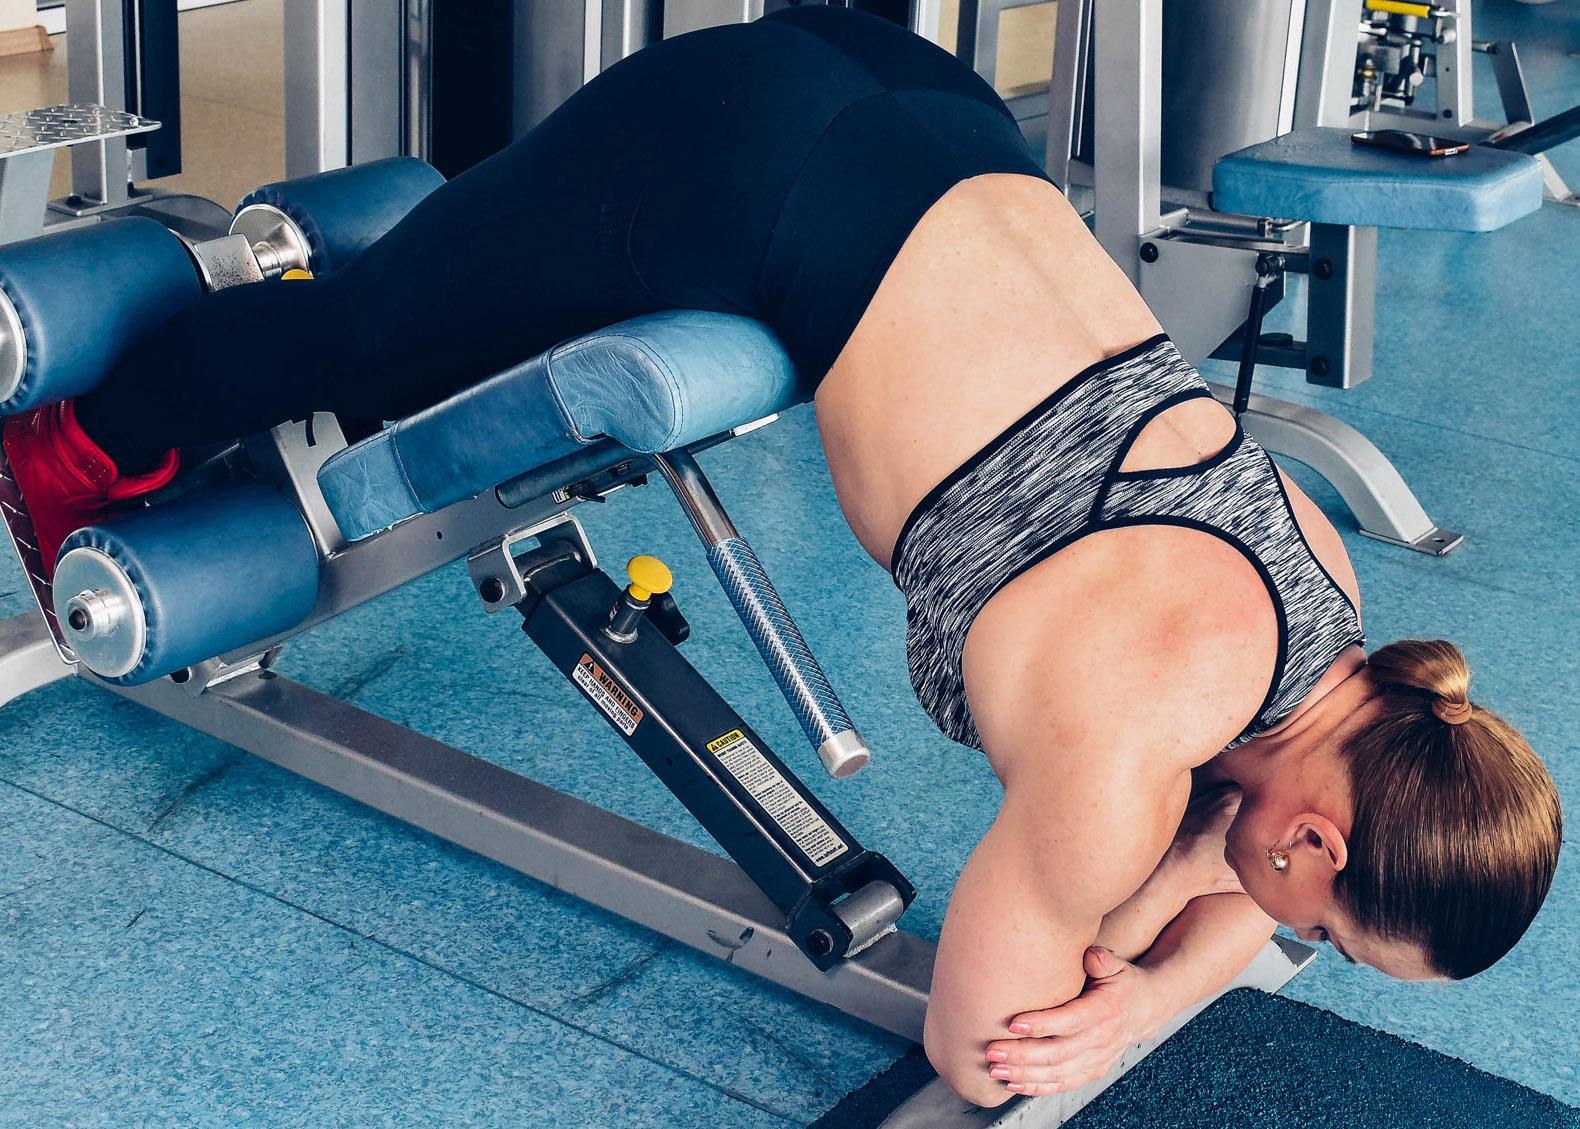 Упражнение гиперэкстензия: правильная техника выполнения на спину, ягодицы и бицепс бедра на тренажере, фитболе и дома на полу